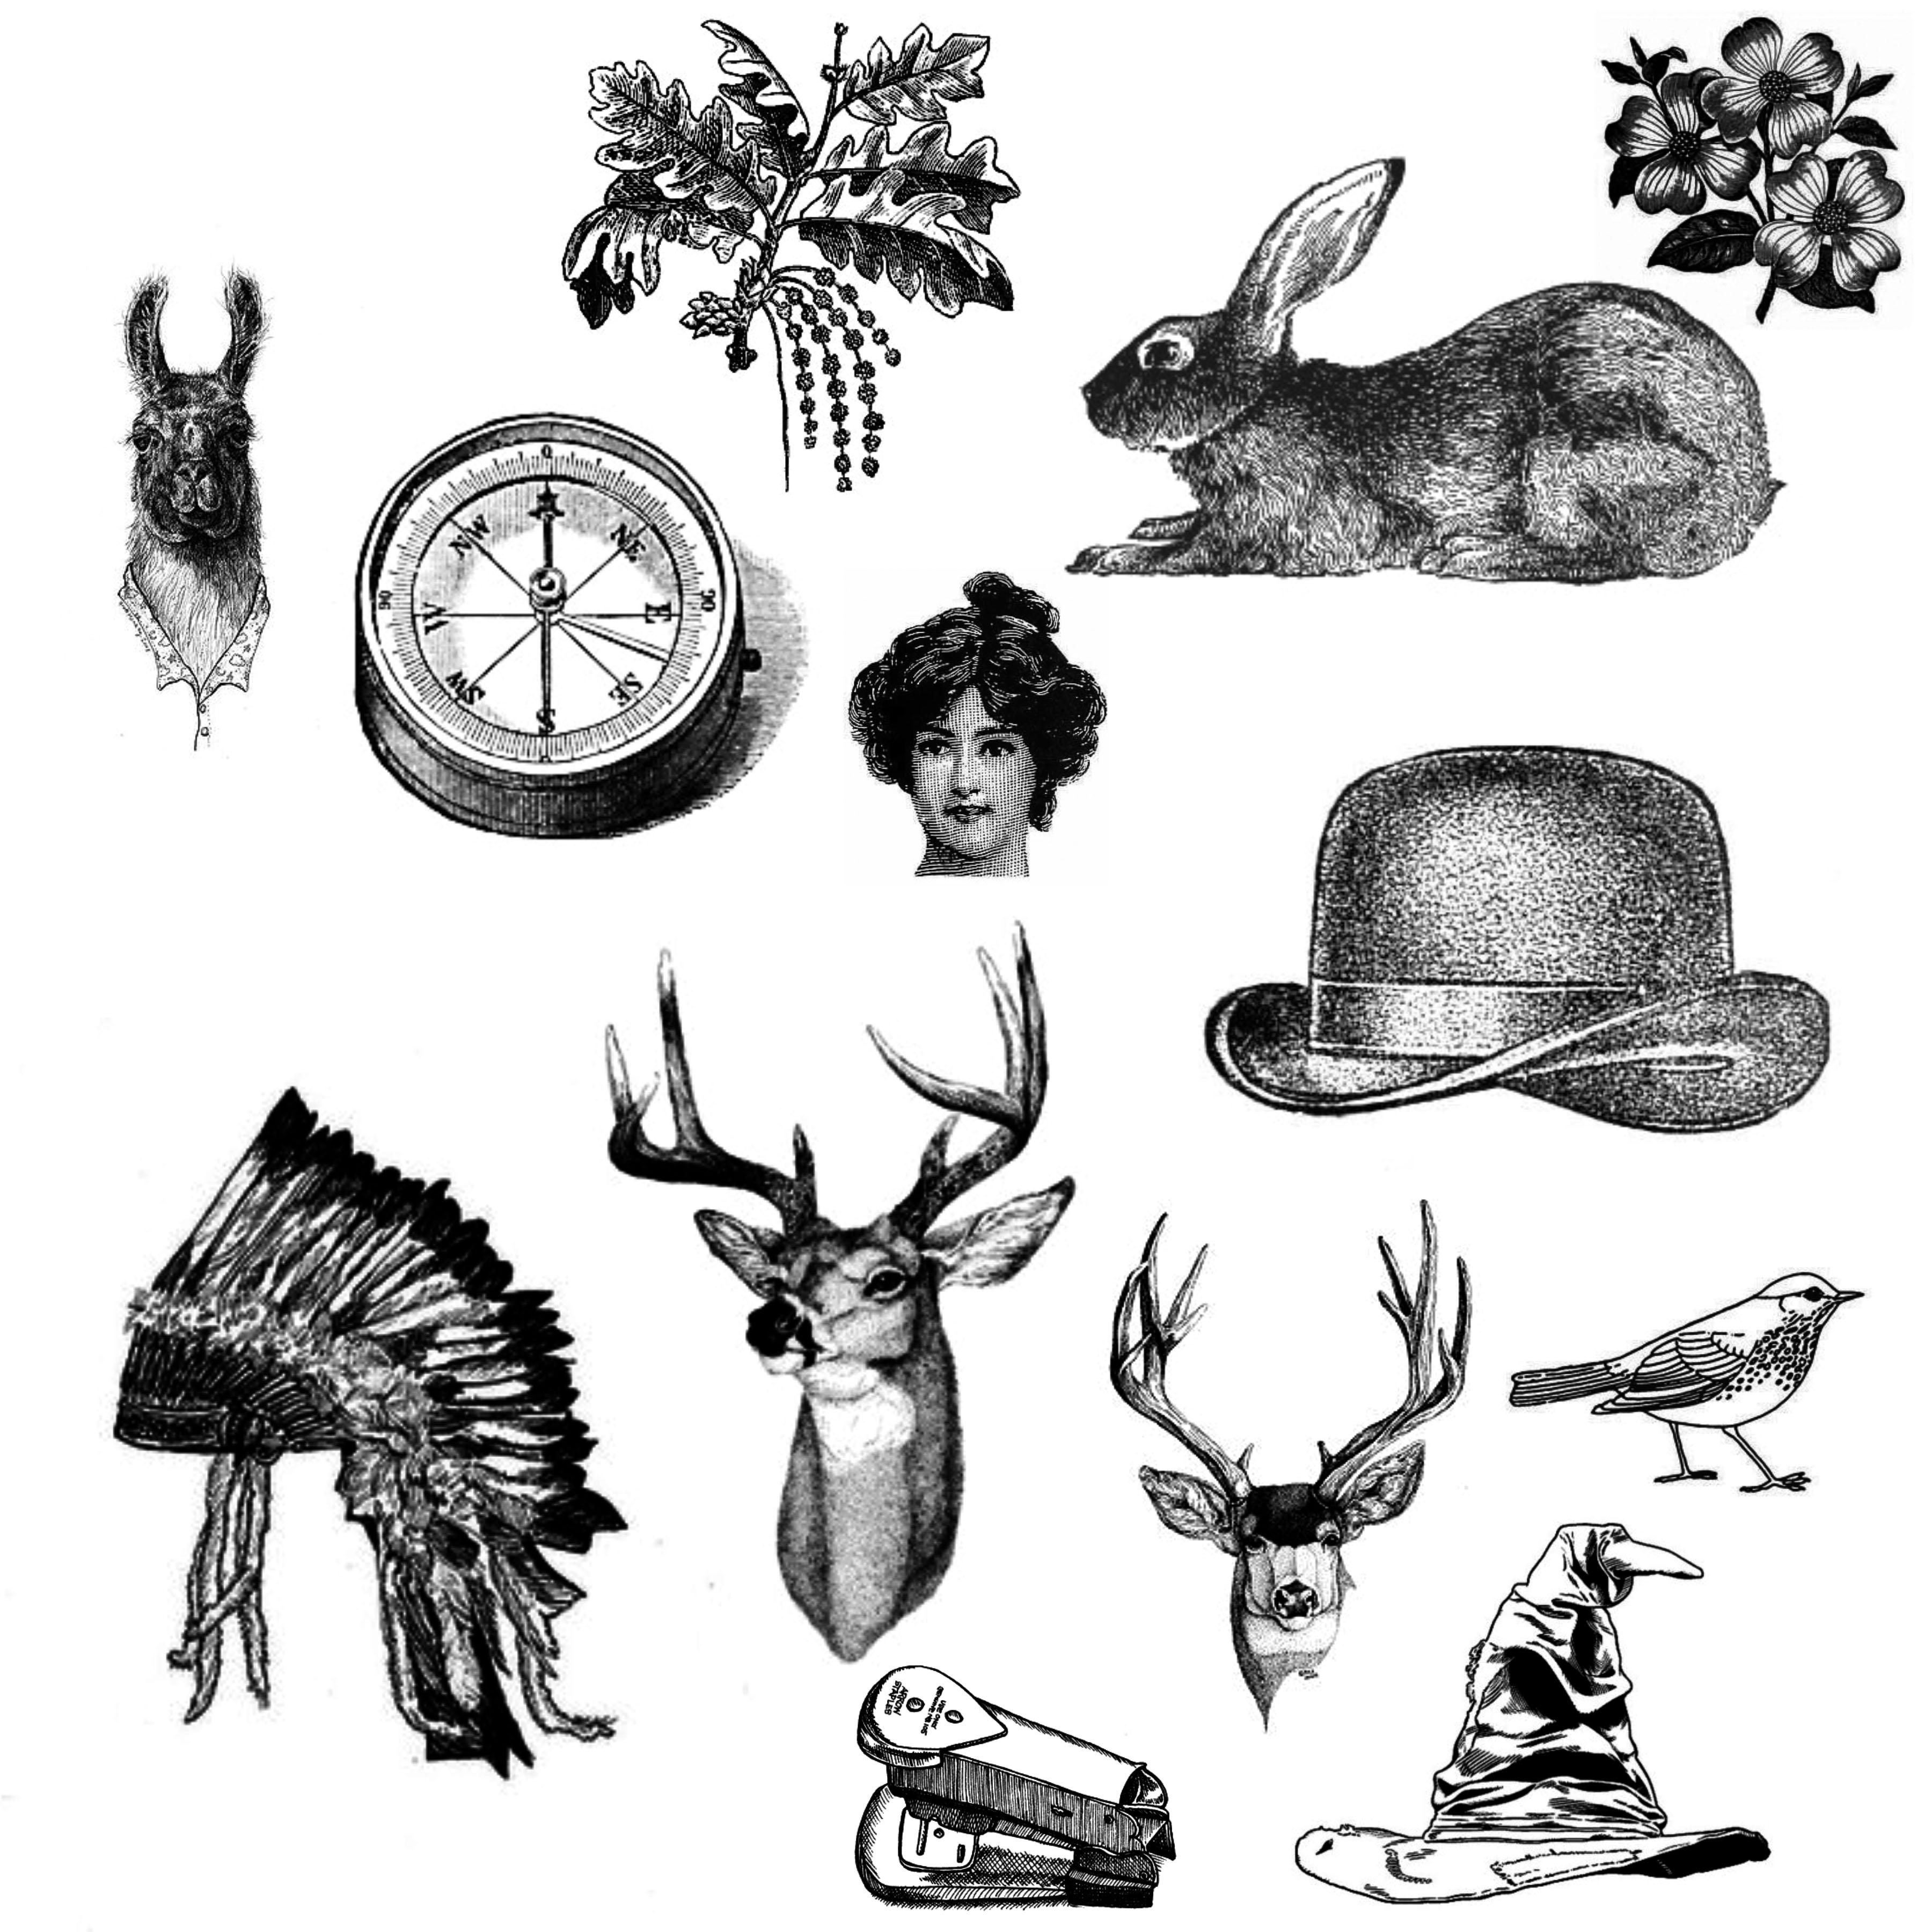 复古式兔子、帽子、鹿头、小鸟等装备元素PS笔刷素材